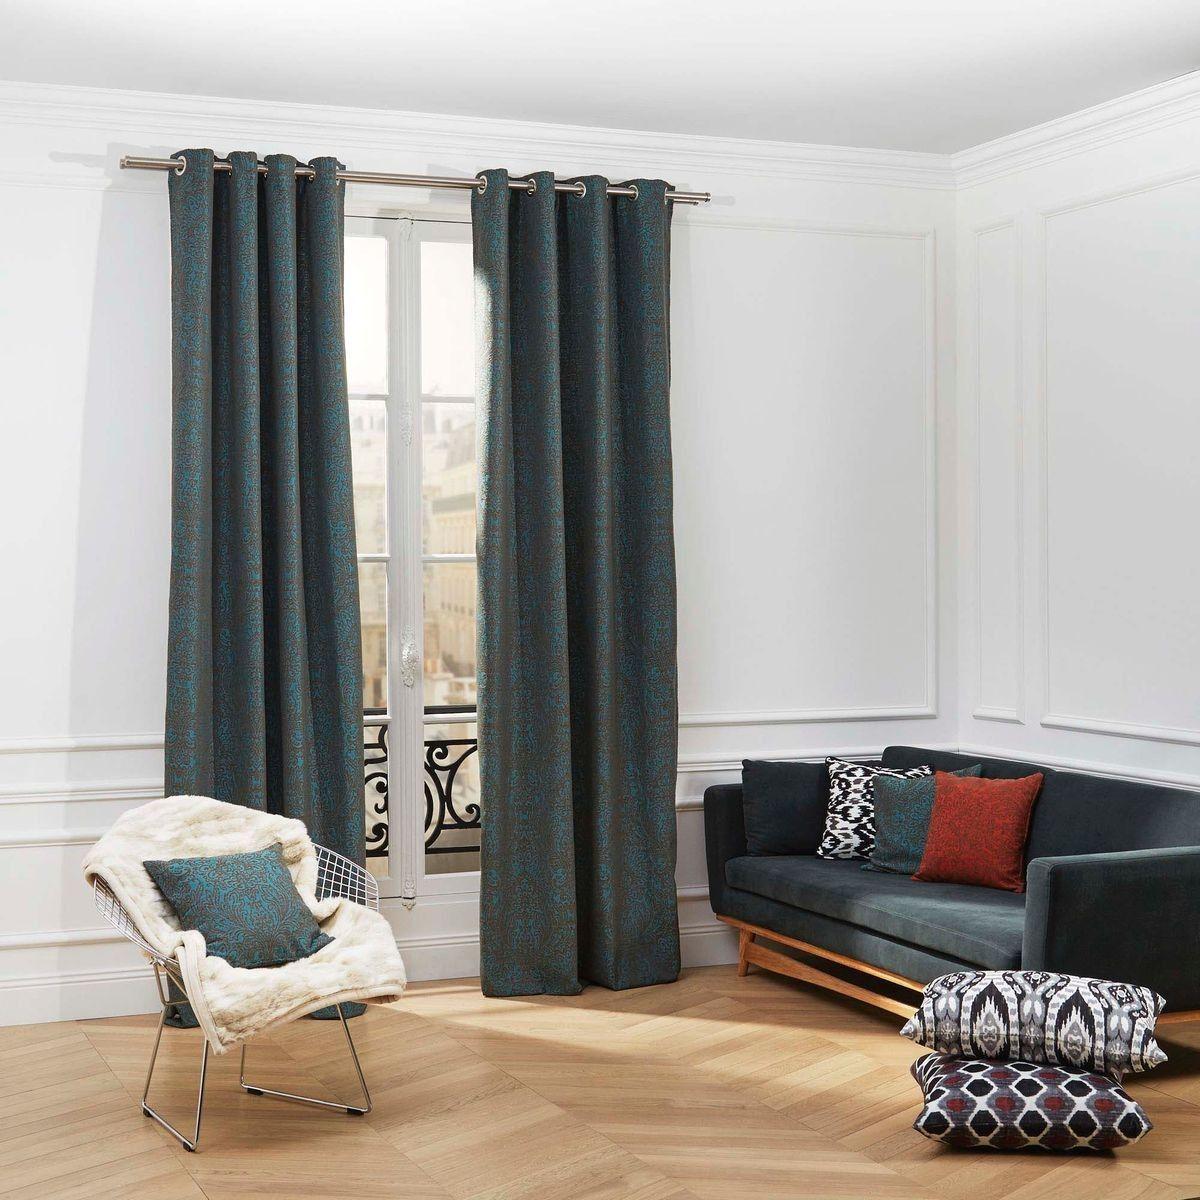 Rideau A Oeillets Polyester Anita Bleu Et Naturel Taille 133x280 Cm Rideaux Oeillets Rideaux Sombres Rideaux